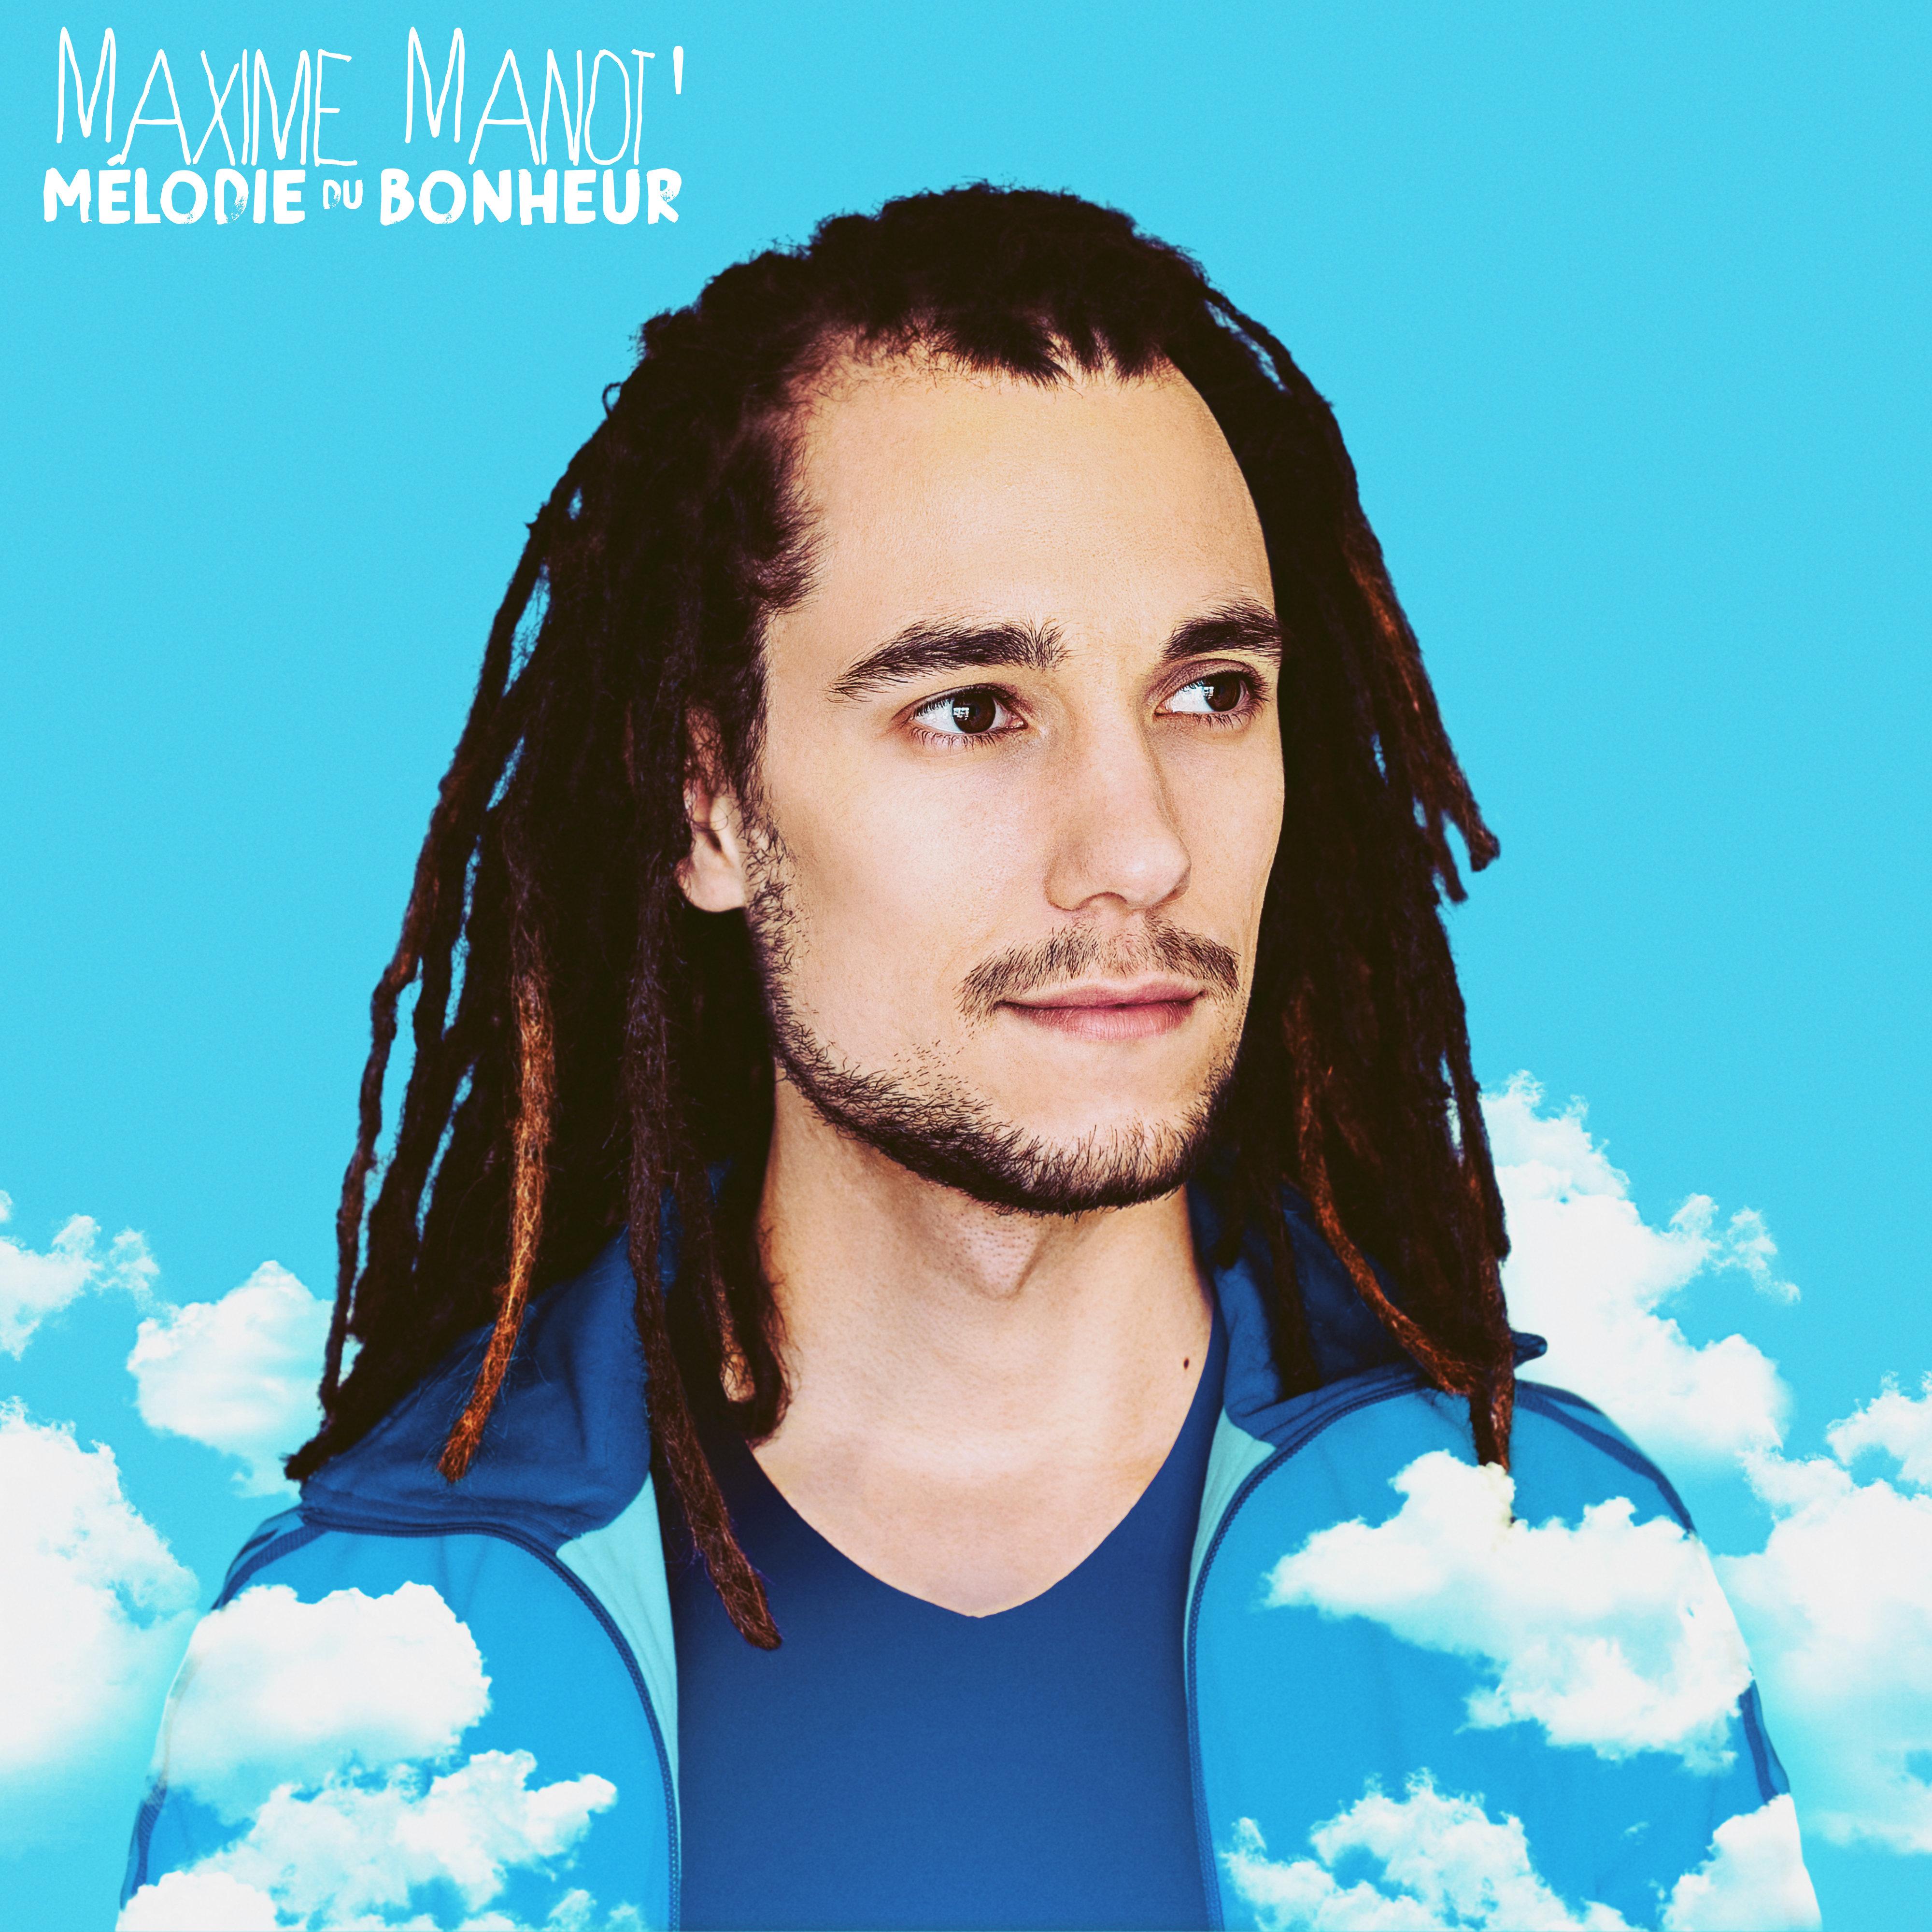 Maxime Manot